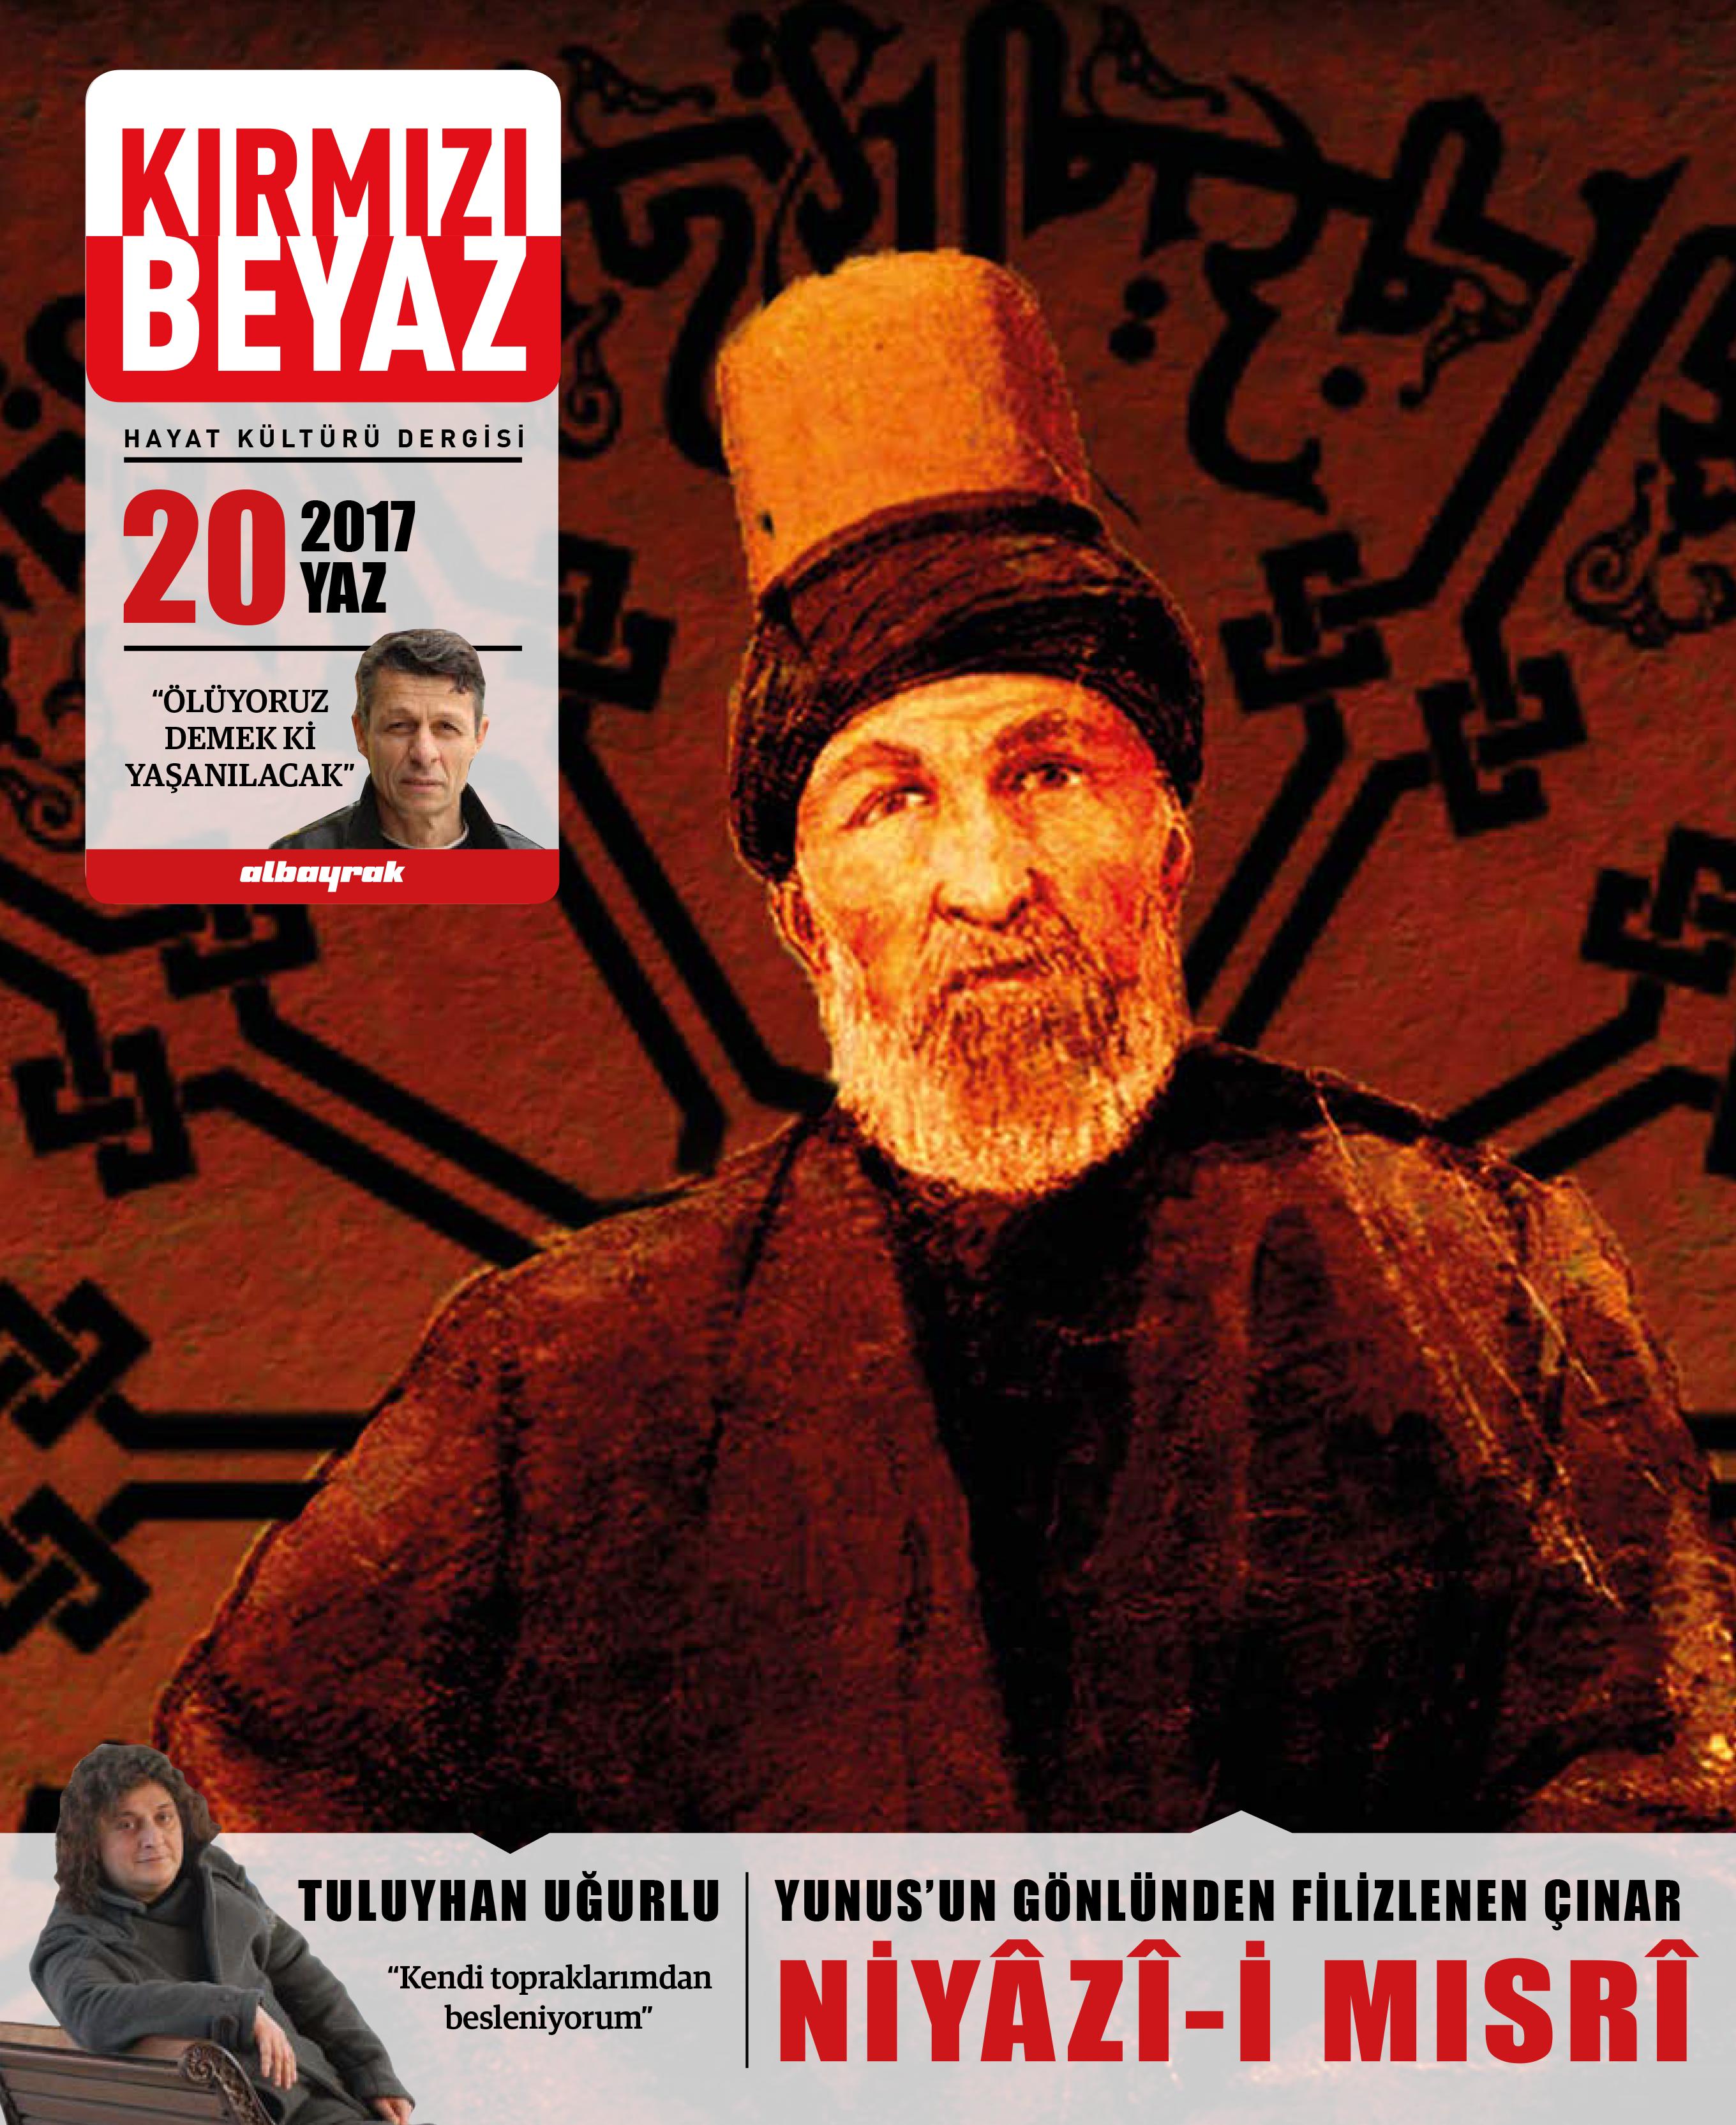 kirmizi_beyaz_20_2017_yaz-1